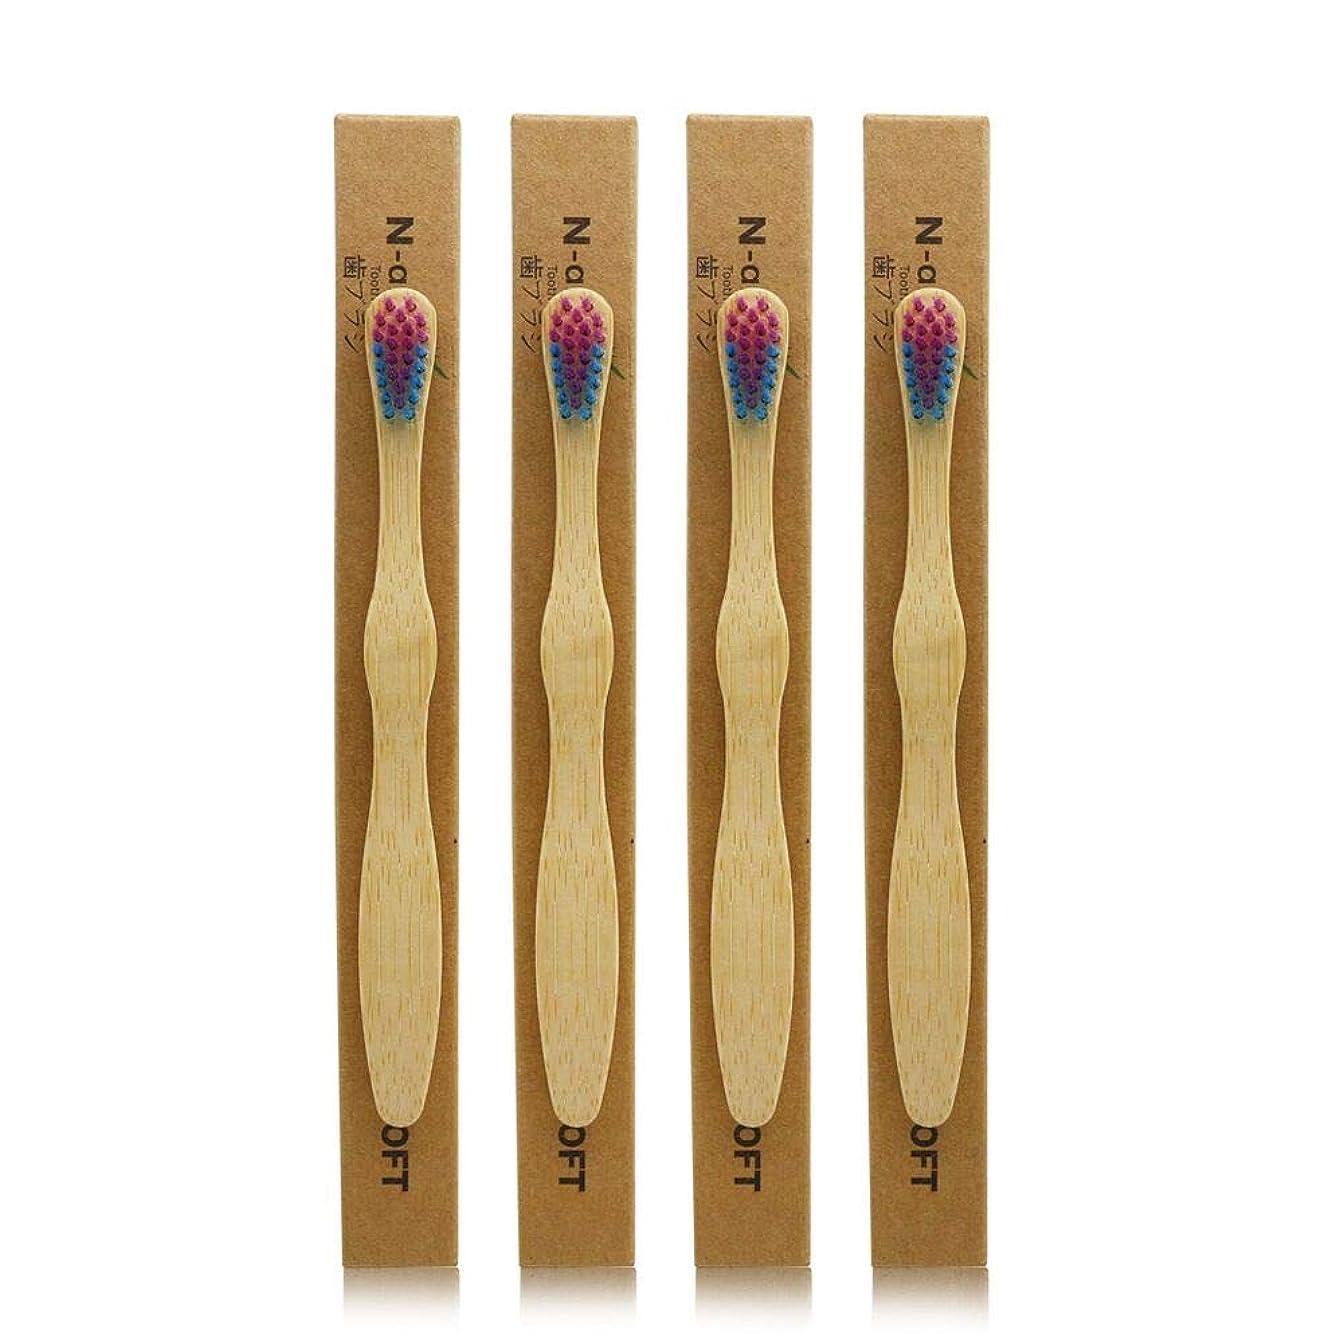 さまよう哀先にN-amboo 竹製耐久度高い 子供 歯ブラシ エコ 4本入り セット むらさきいろ